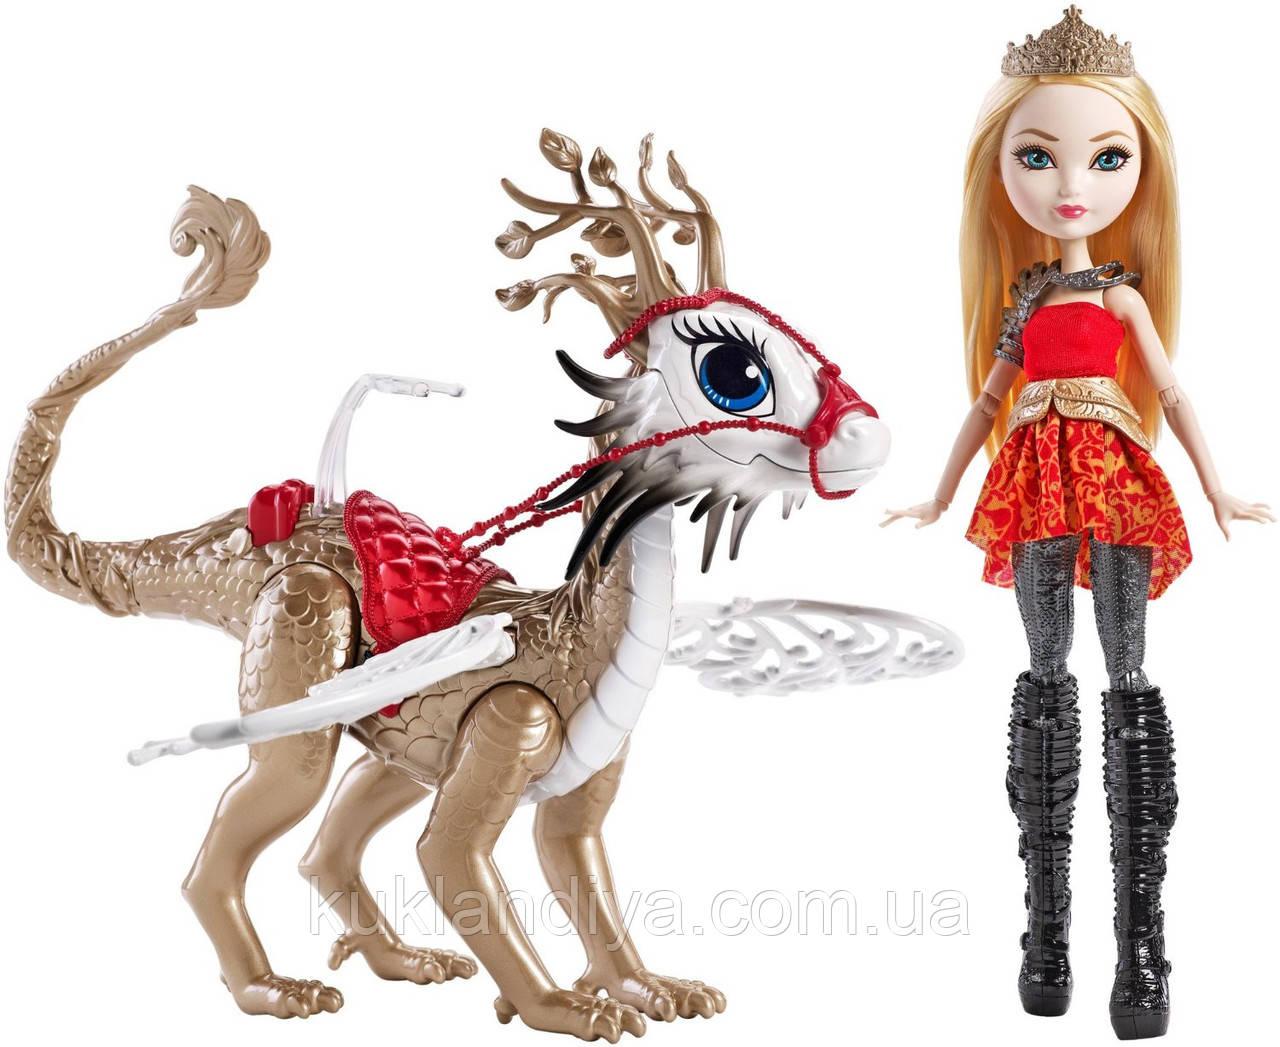 Кукла Эвер Афтер Хай Эппл Вайт Игры Драконов Ever After High Dragon Games Apple White Doll and Braebyrn Dragon